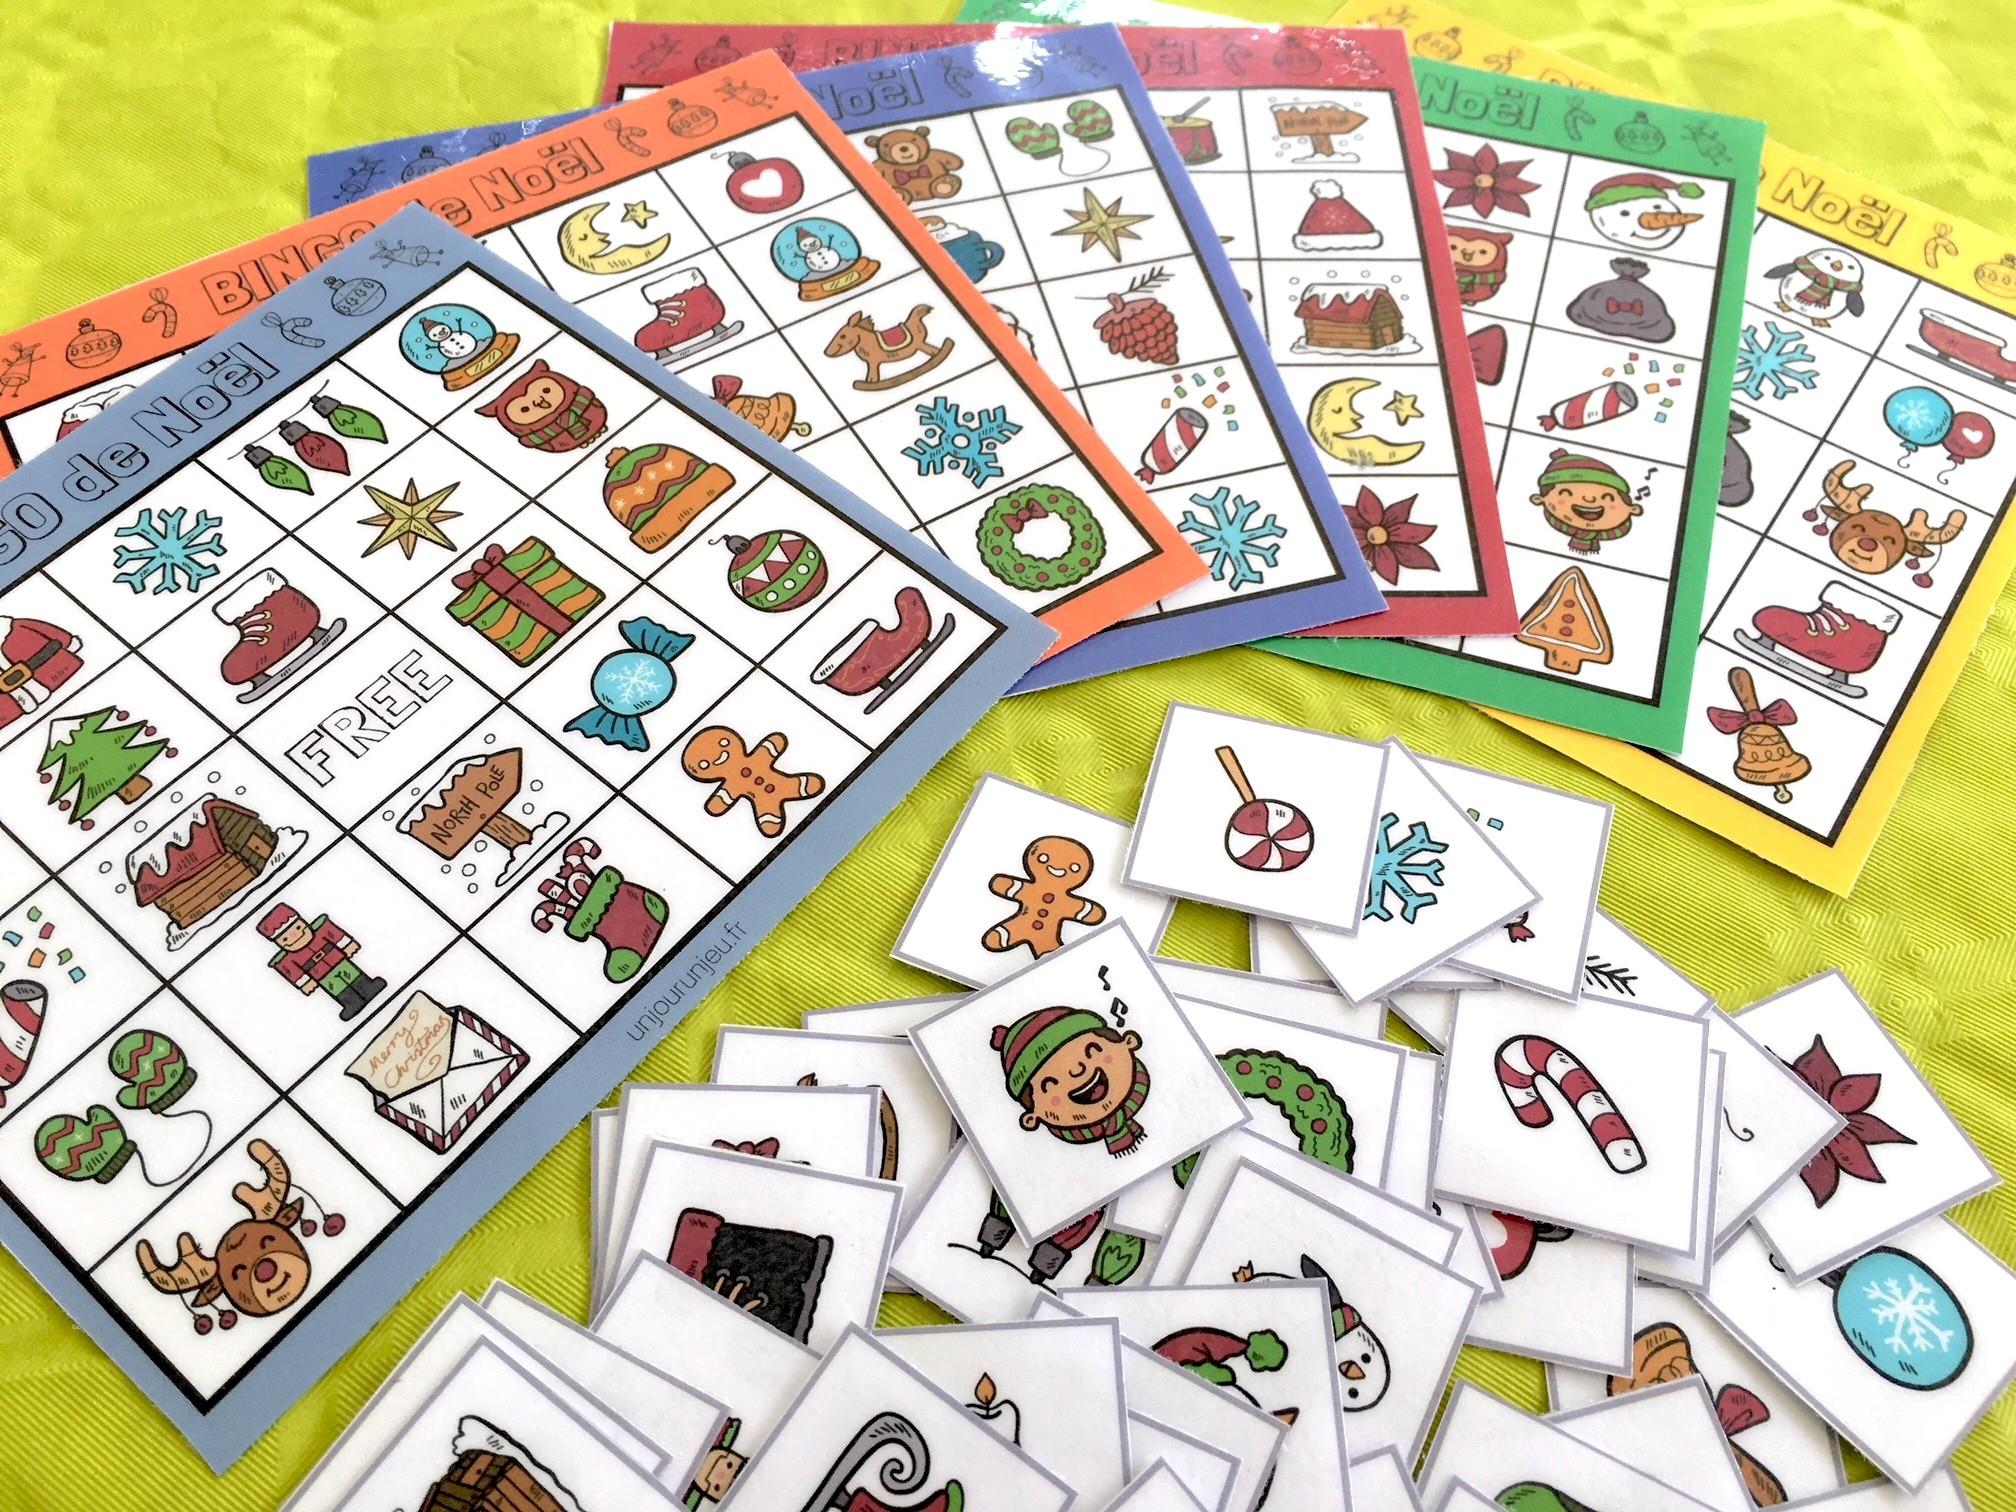 Jeu De Noël : Bingo À Télécharger Gratuitement Pour Vos Enfants à Jeux Gratuit Maternelle